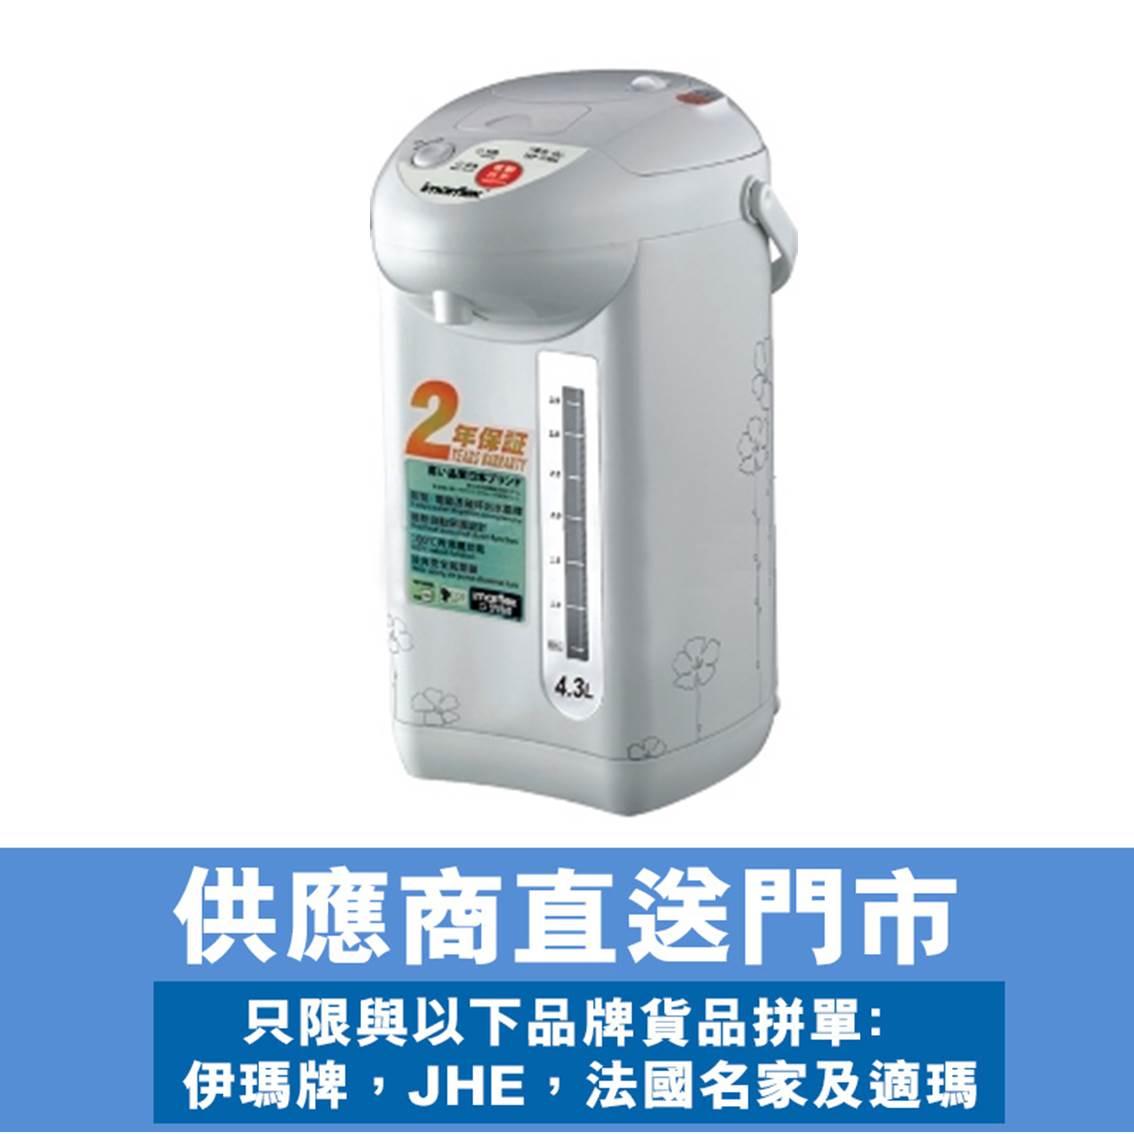 伊瑪牌電熱水瓶